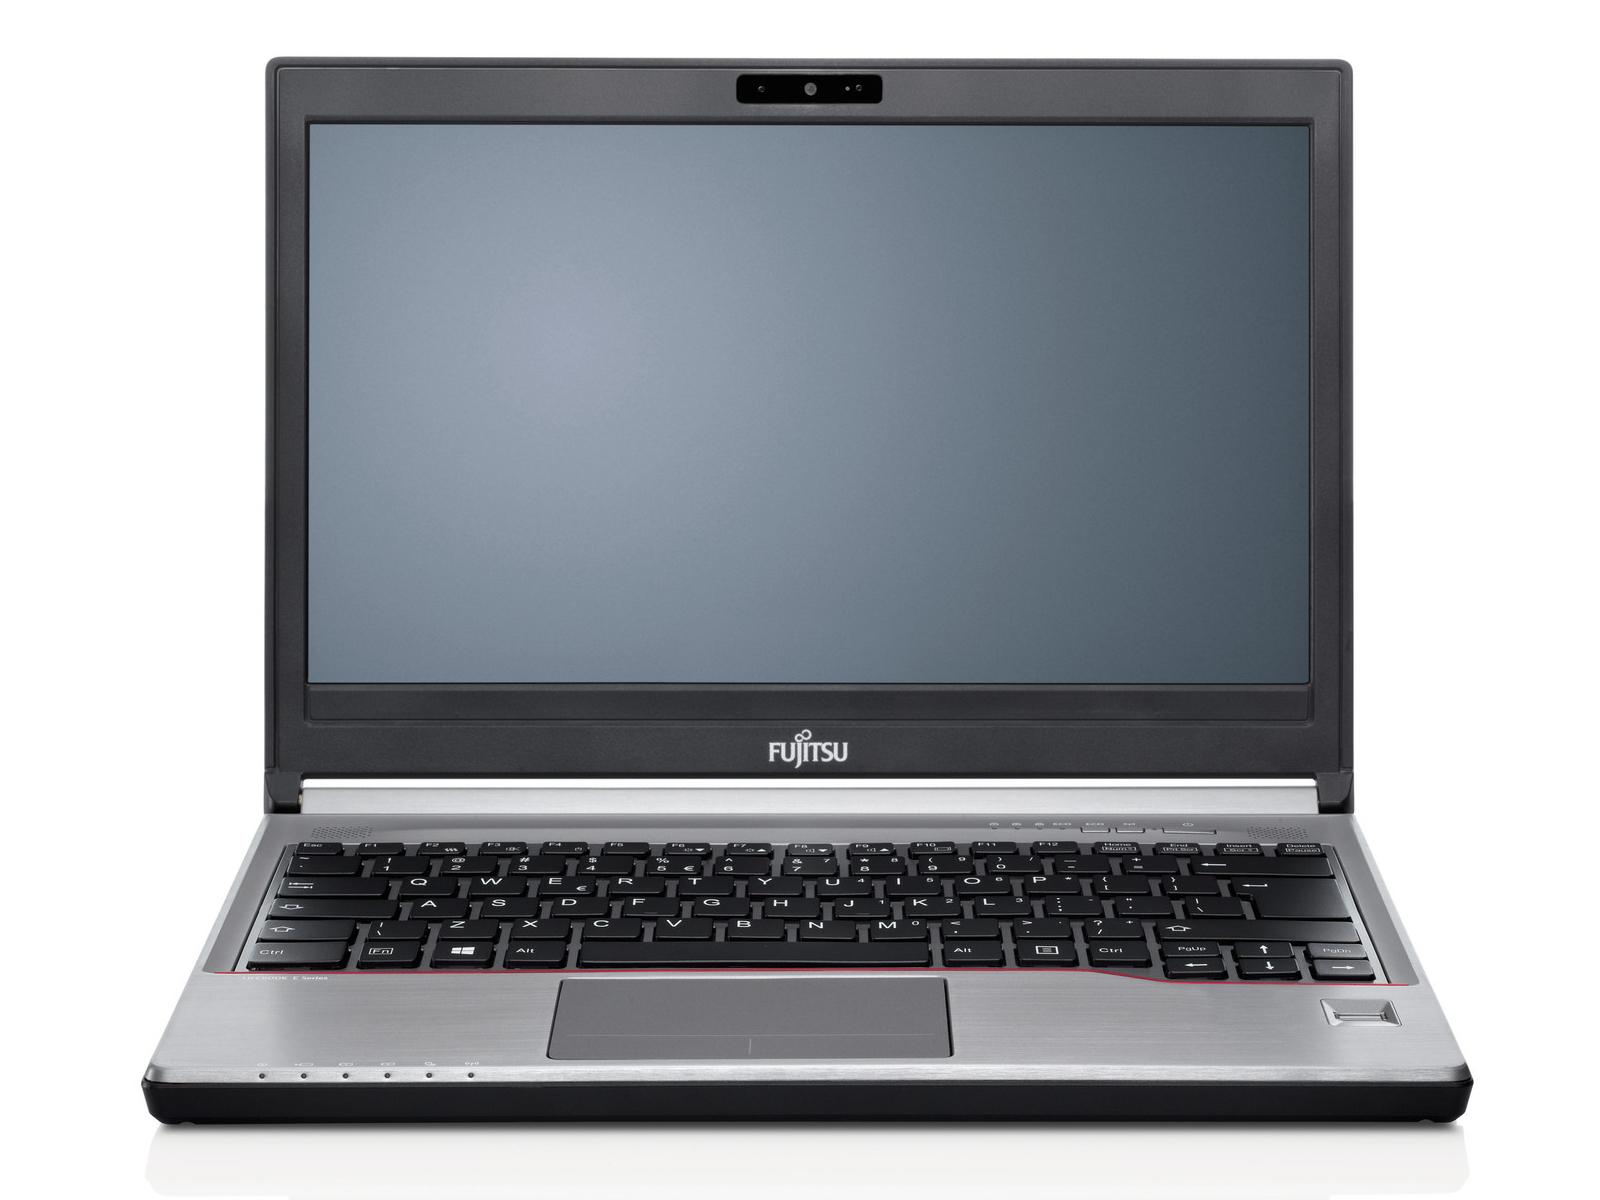 Bộ xử lý Fujitsu Lifebook E734 ổn định